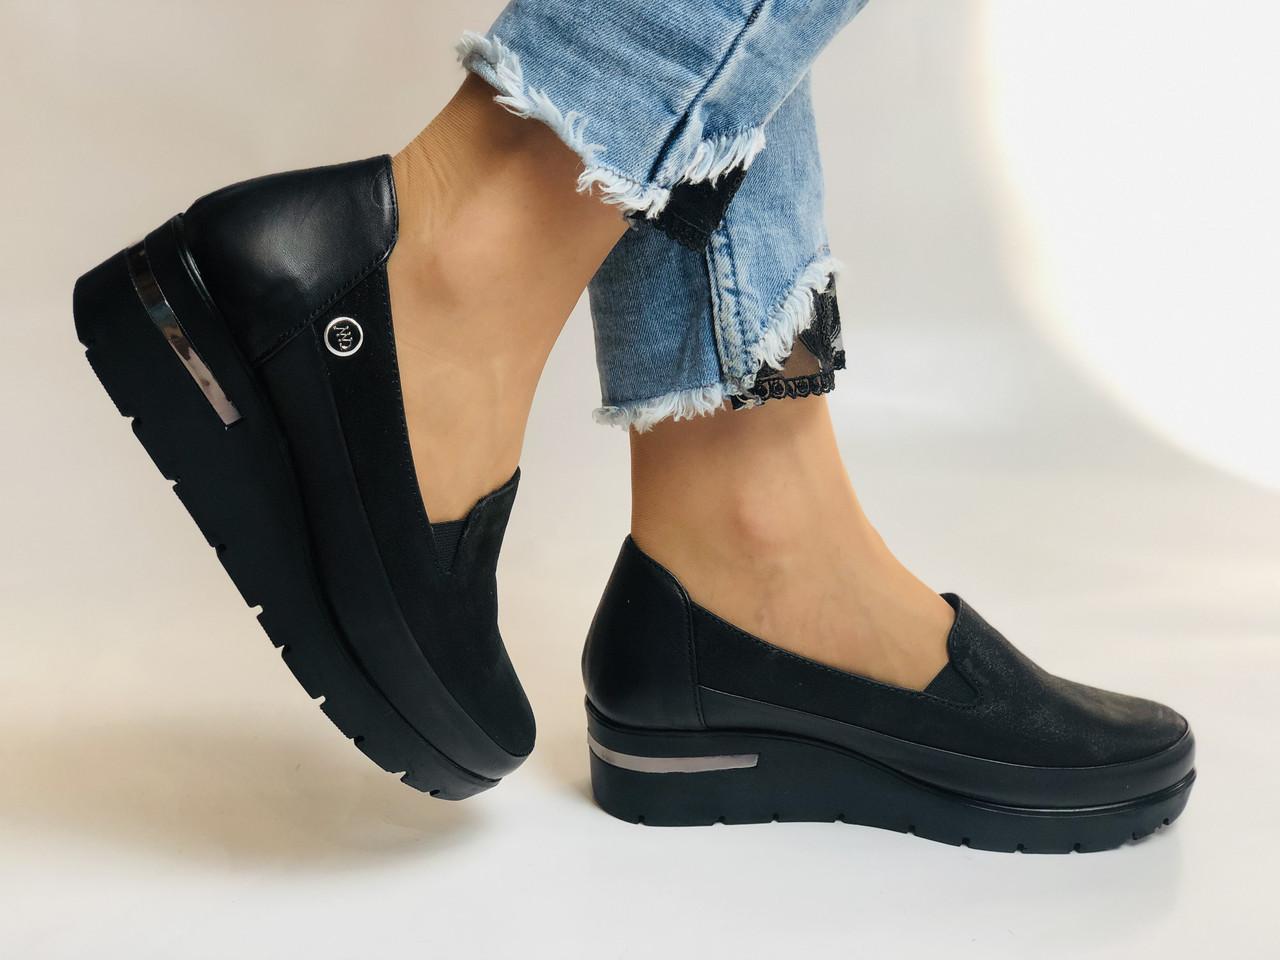 Mammamia. Жіночі туфлі на середній танкетці.Натуральна лакована шкіра.Туреччина. Розмір 35,36,38,39,40